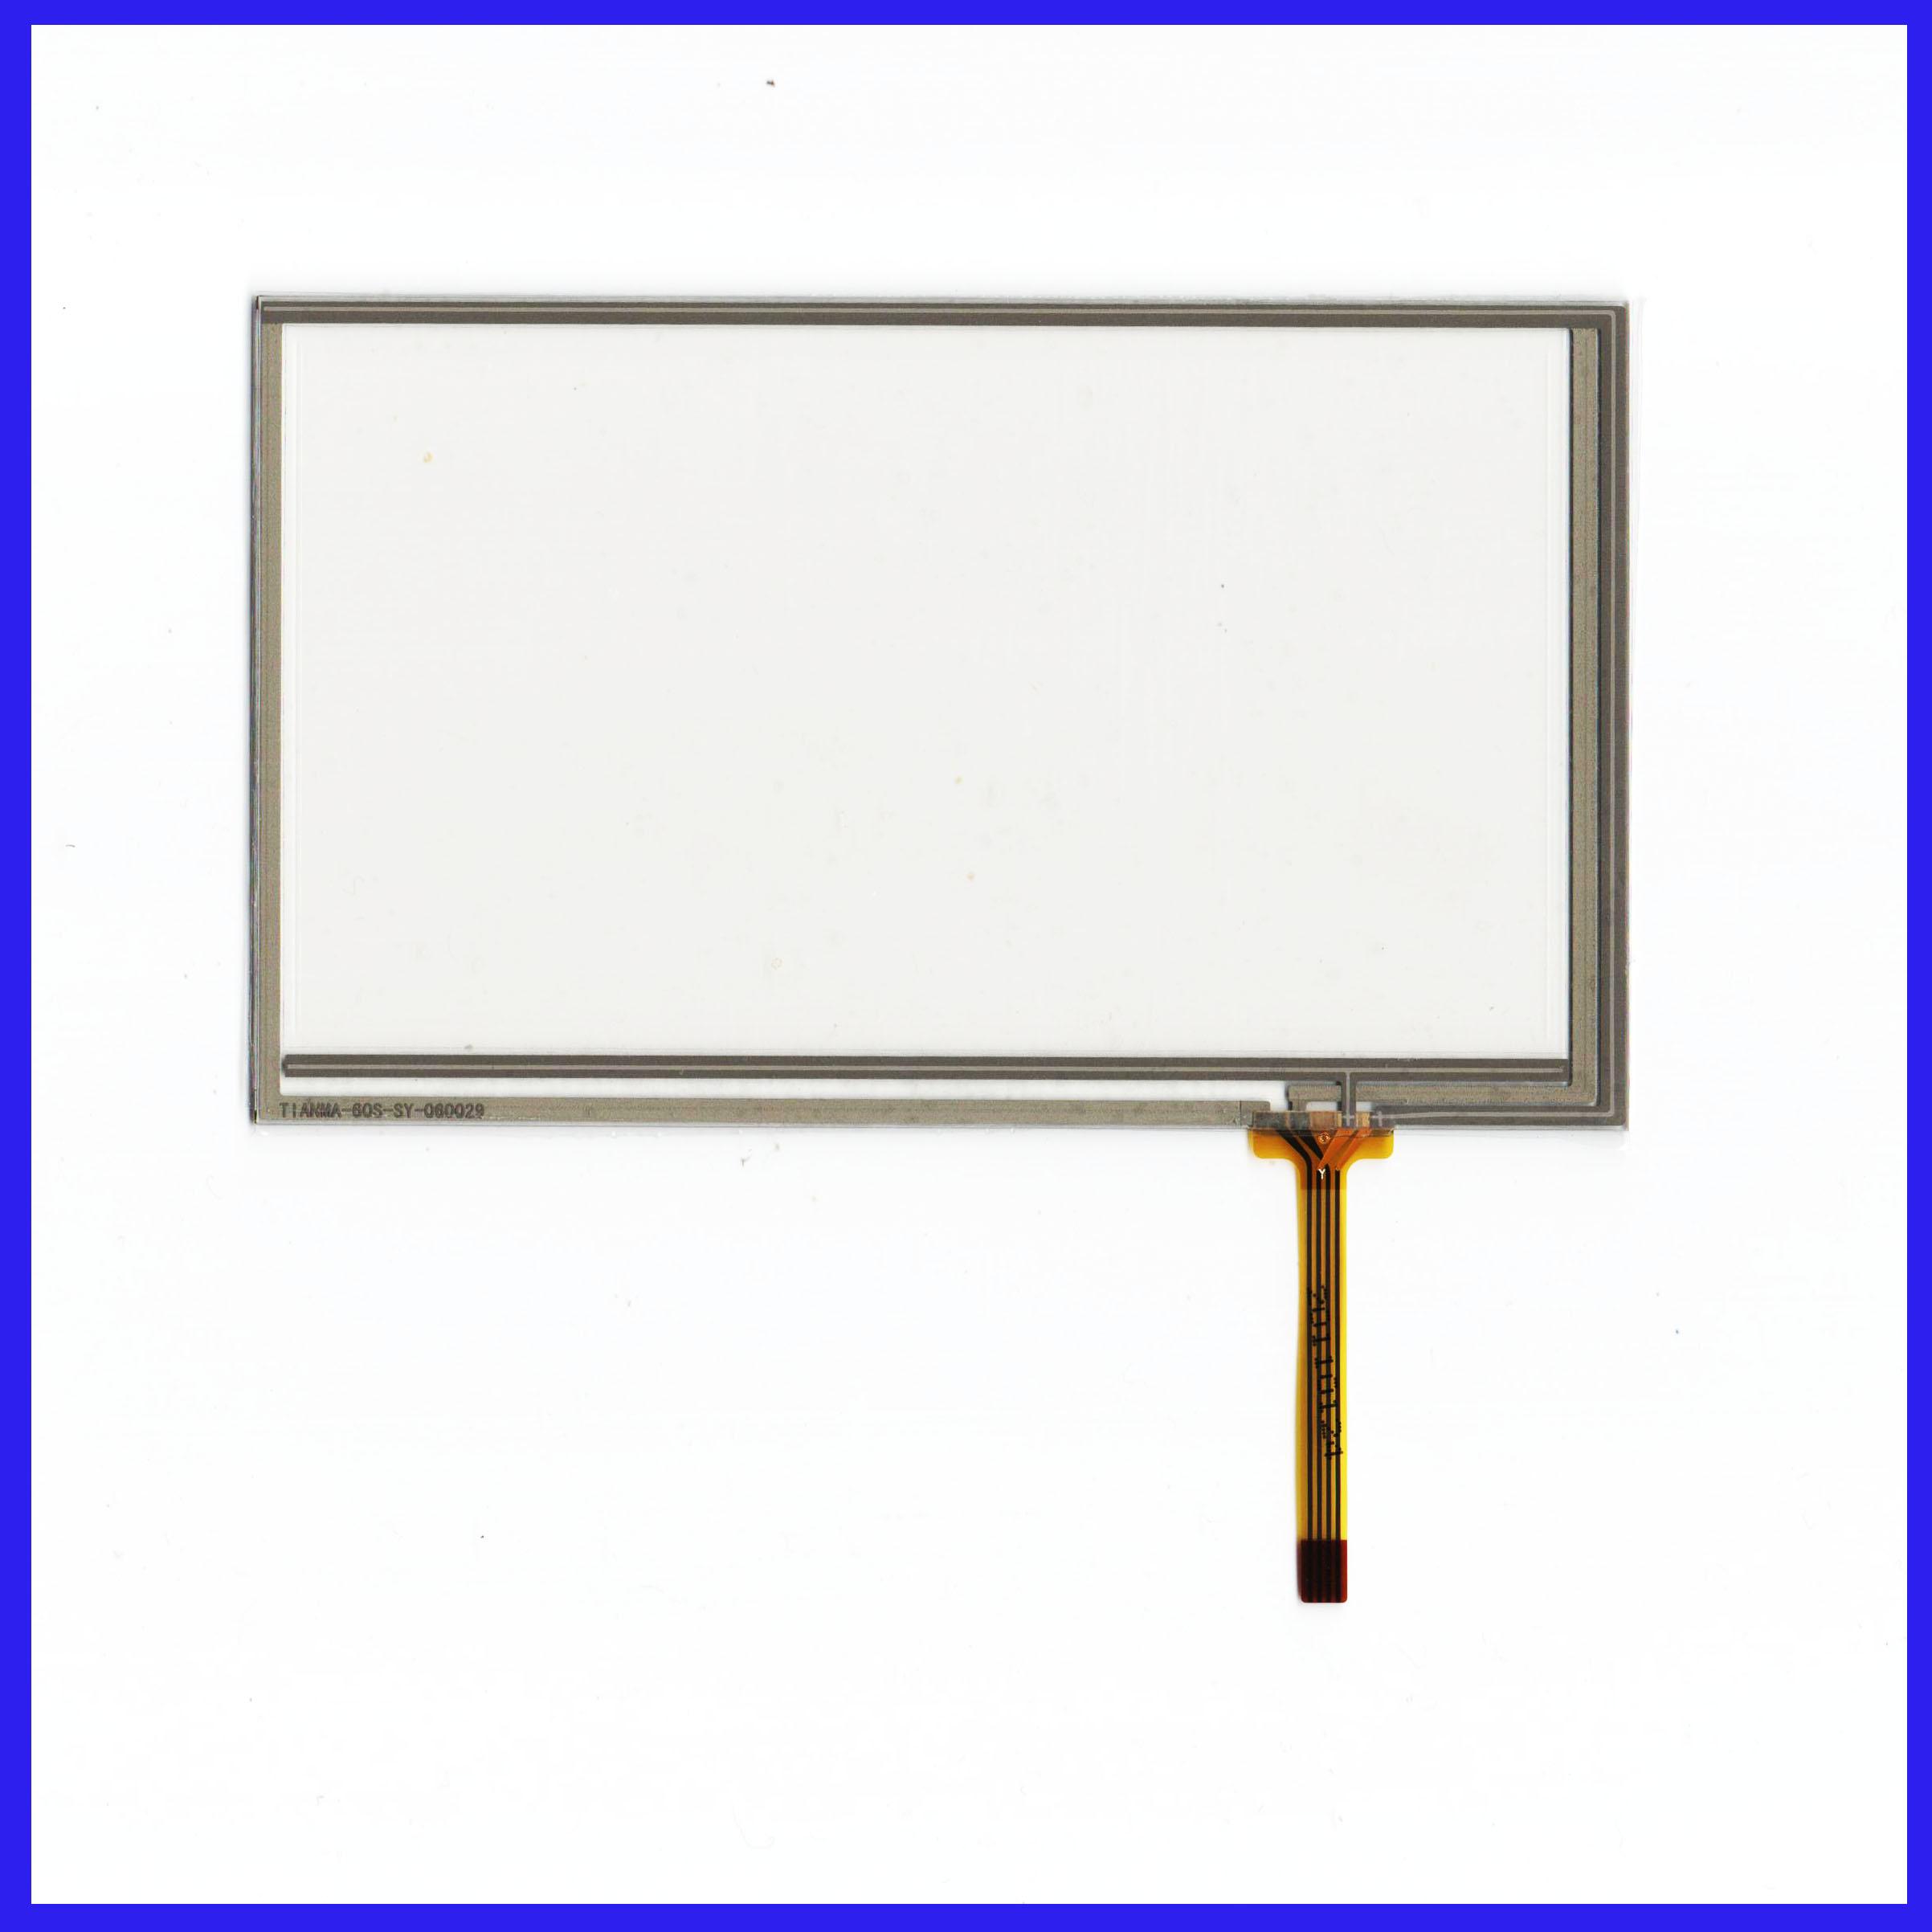 HLD-TP-1469 6寸四线电阻触摸外屏 手写屏 路特仕车载导航通用屏